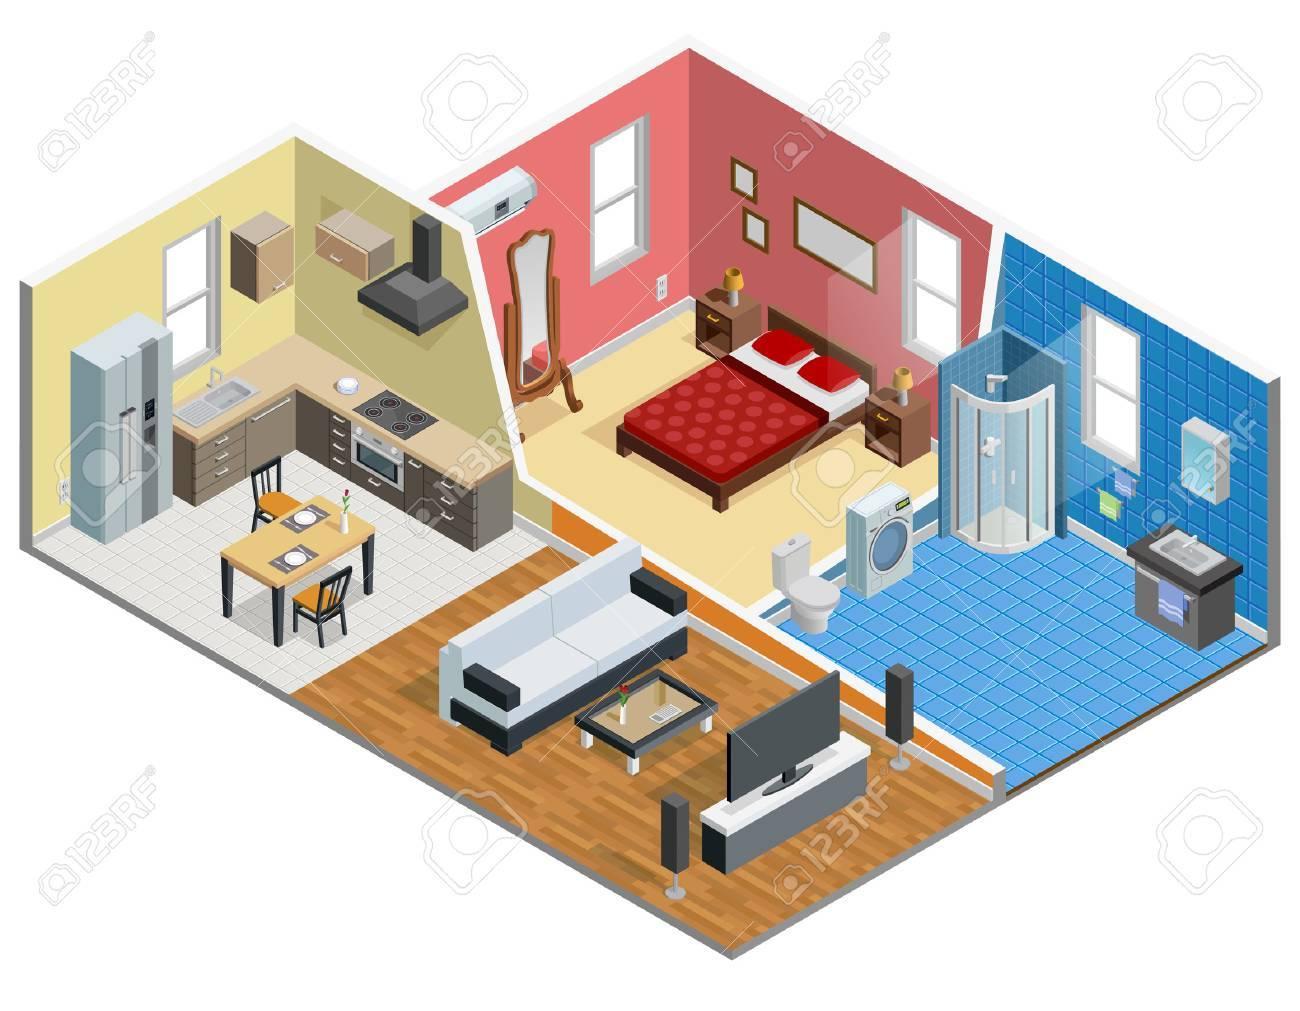 Apartamento De Diseño Isométrica Con Cocina Baño Dormitorio Y Sala ...